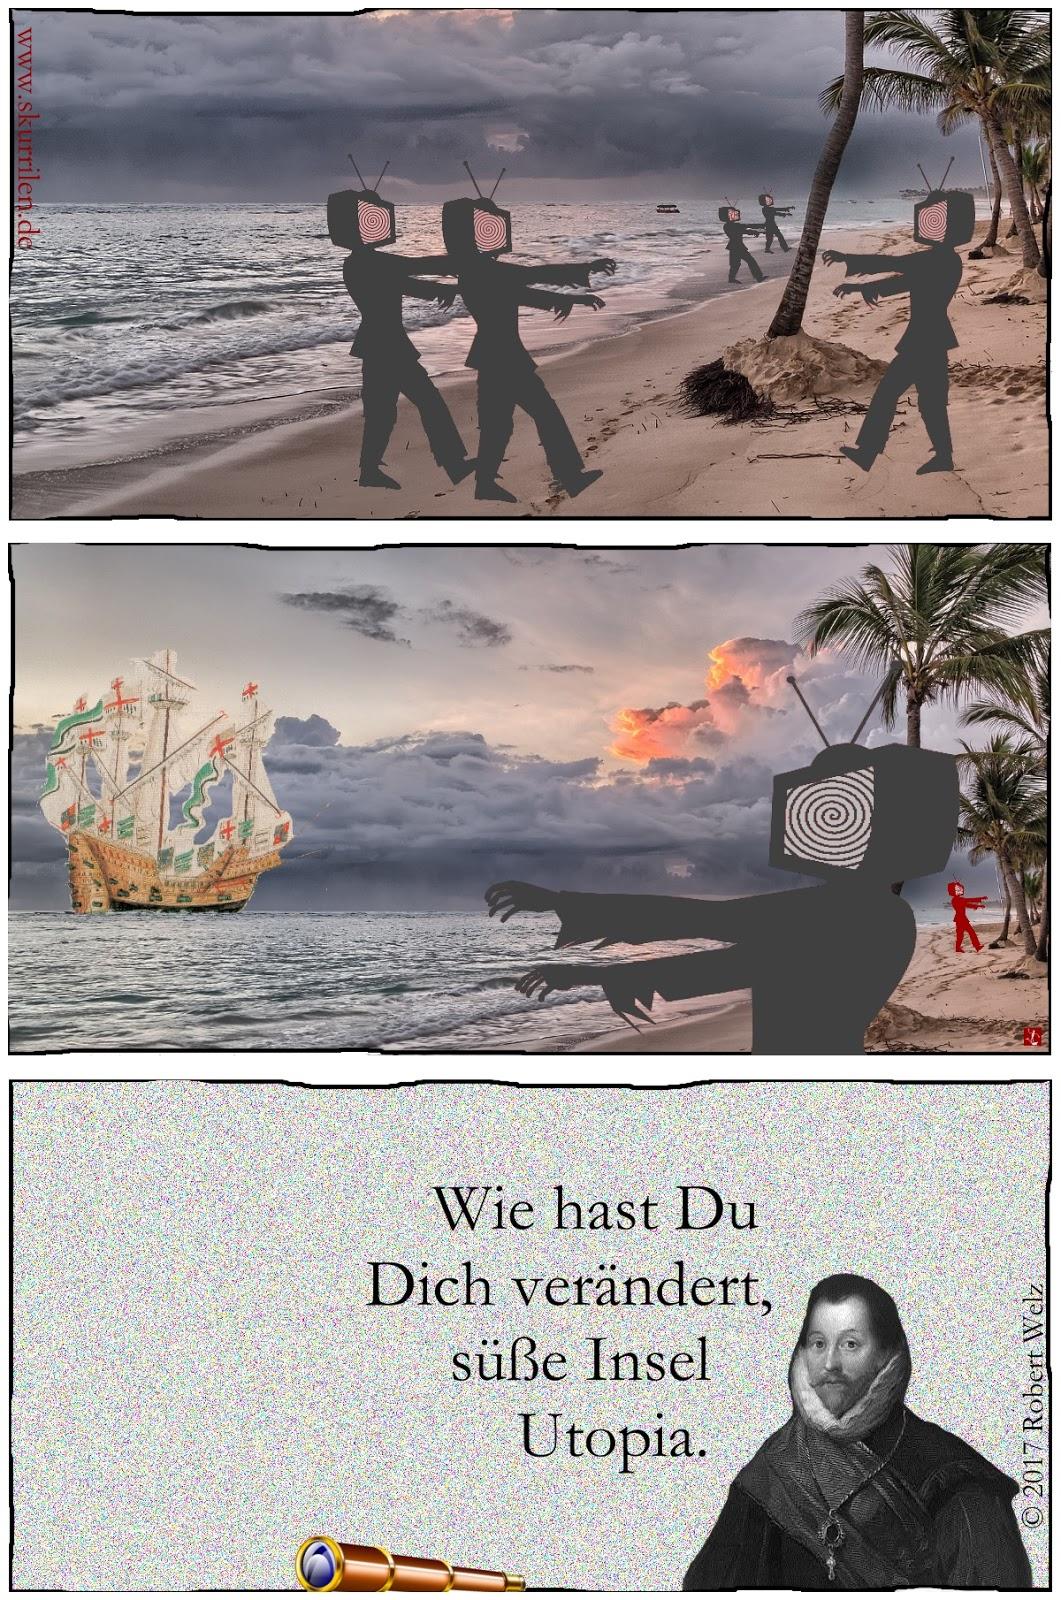 Fernseh-Fantasy-Satire im historischen Collage-Comic mit Königin & Pirat. Die Insel Utopia hat sich verändert.